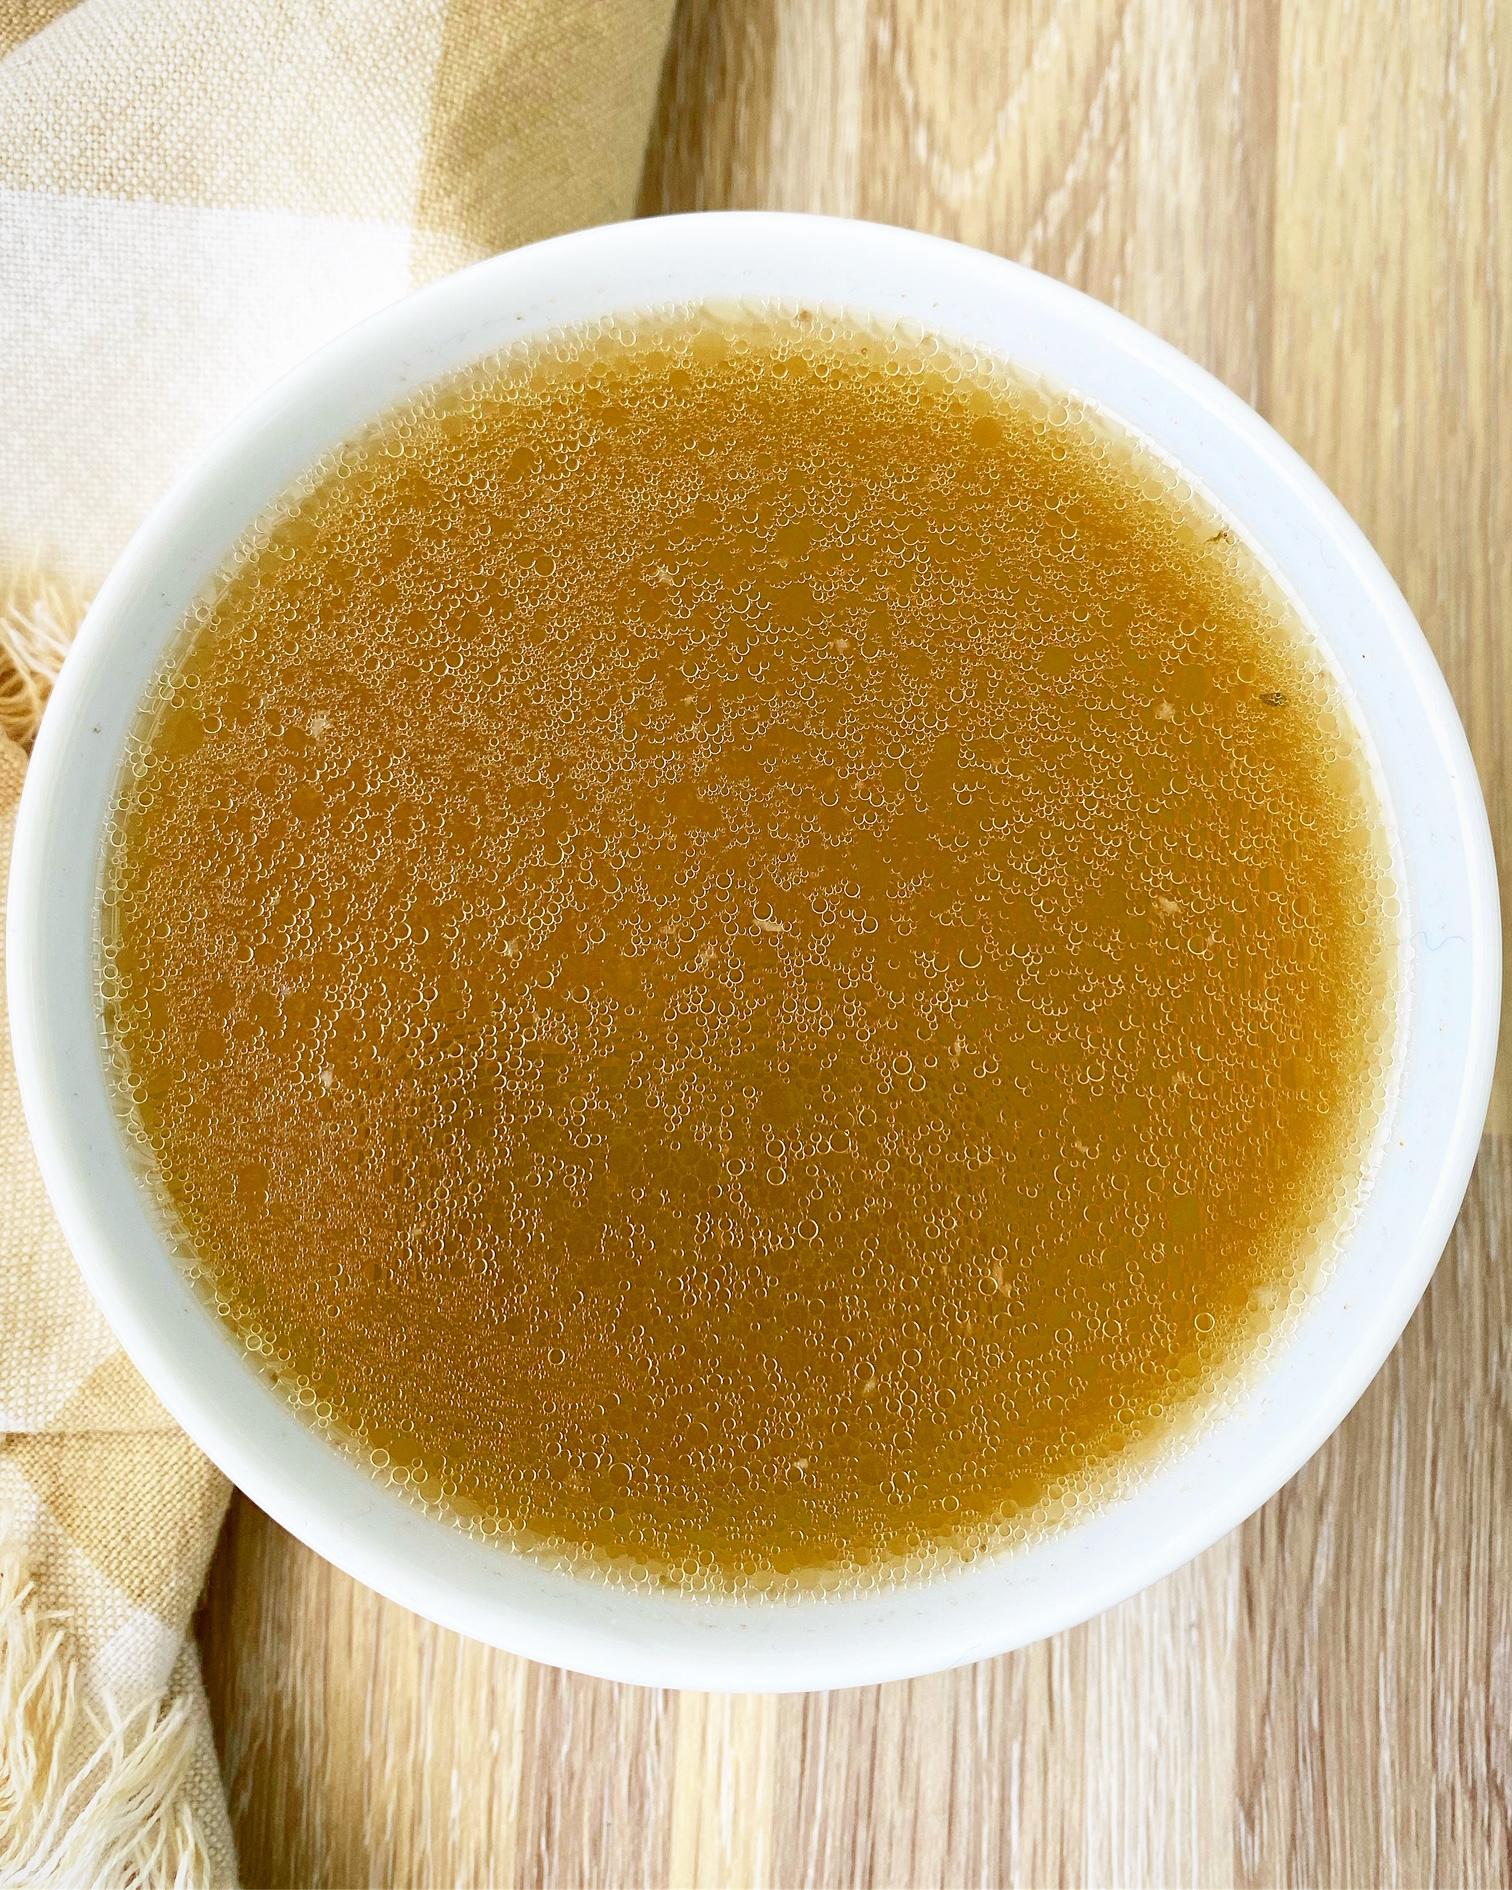 warmed bone broth in a bowl